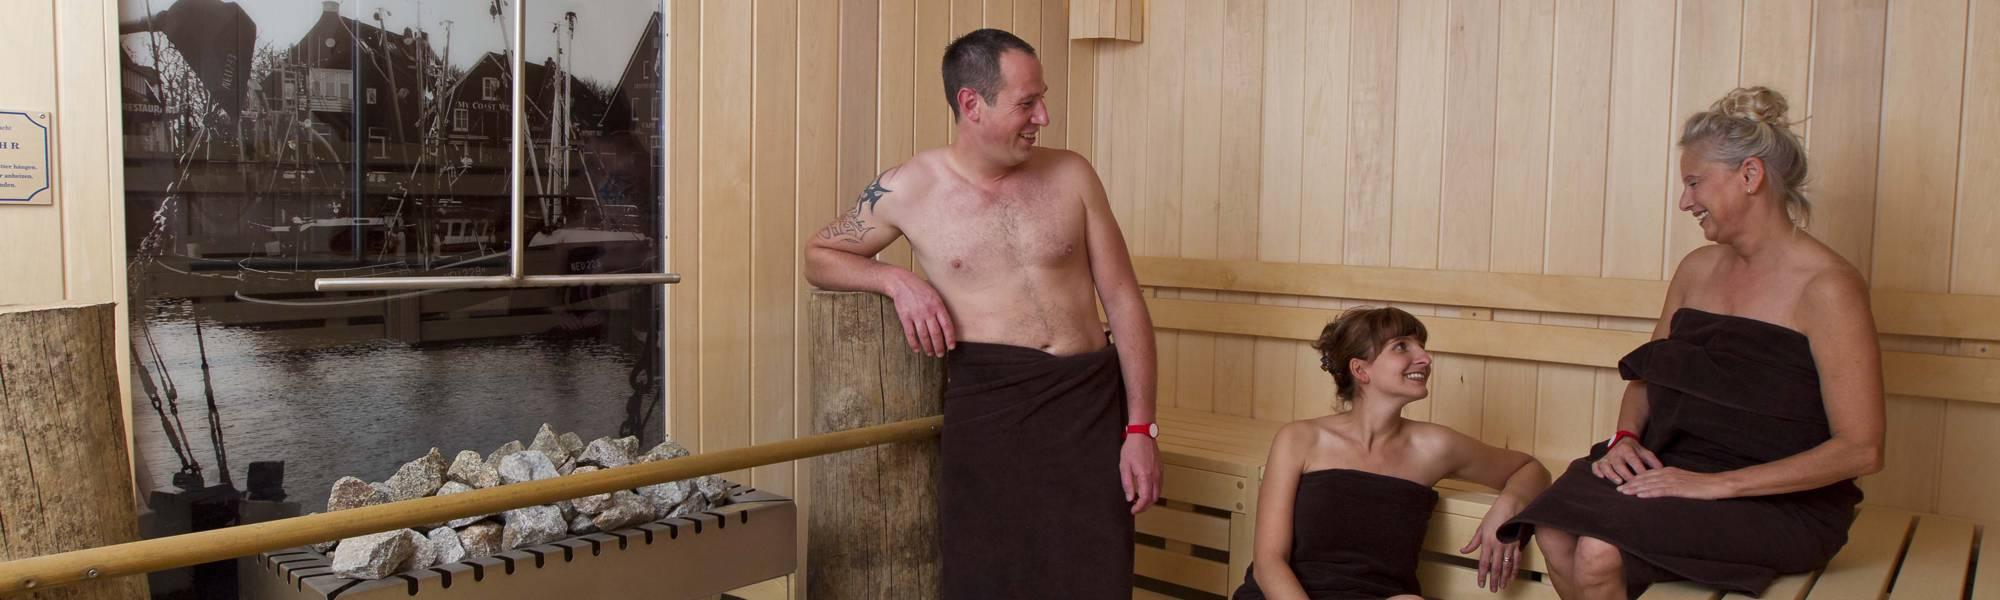 Hafen-Sauna in der Saunalandschaft des BadeWerk Neuharlingersiel